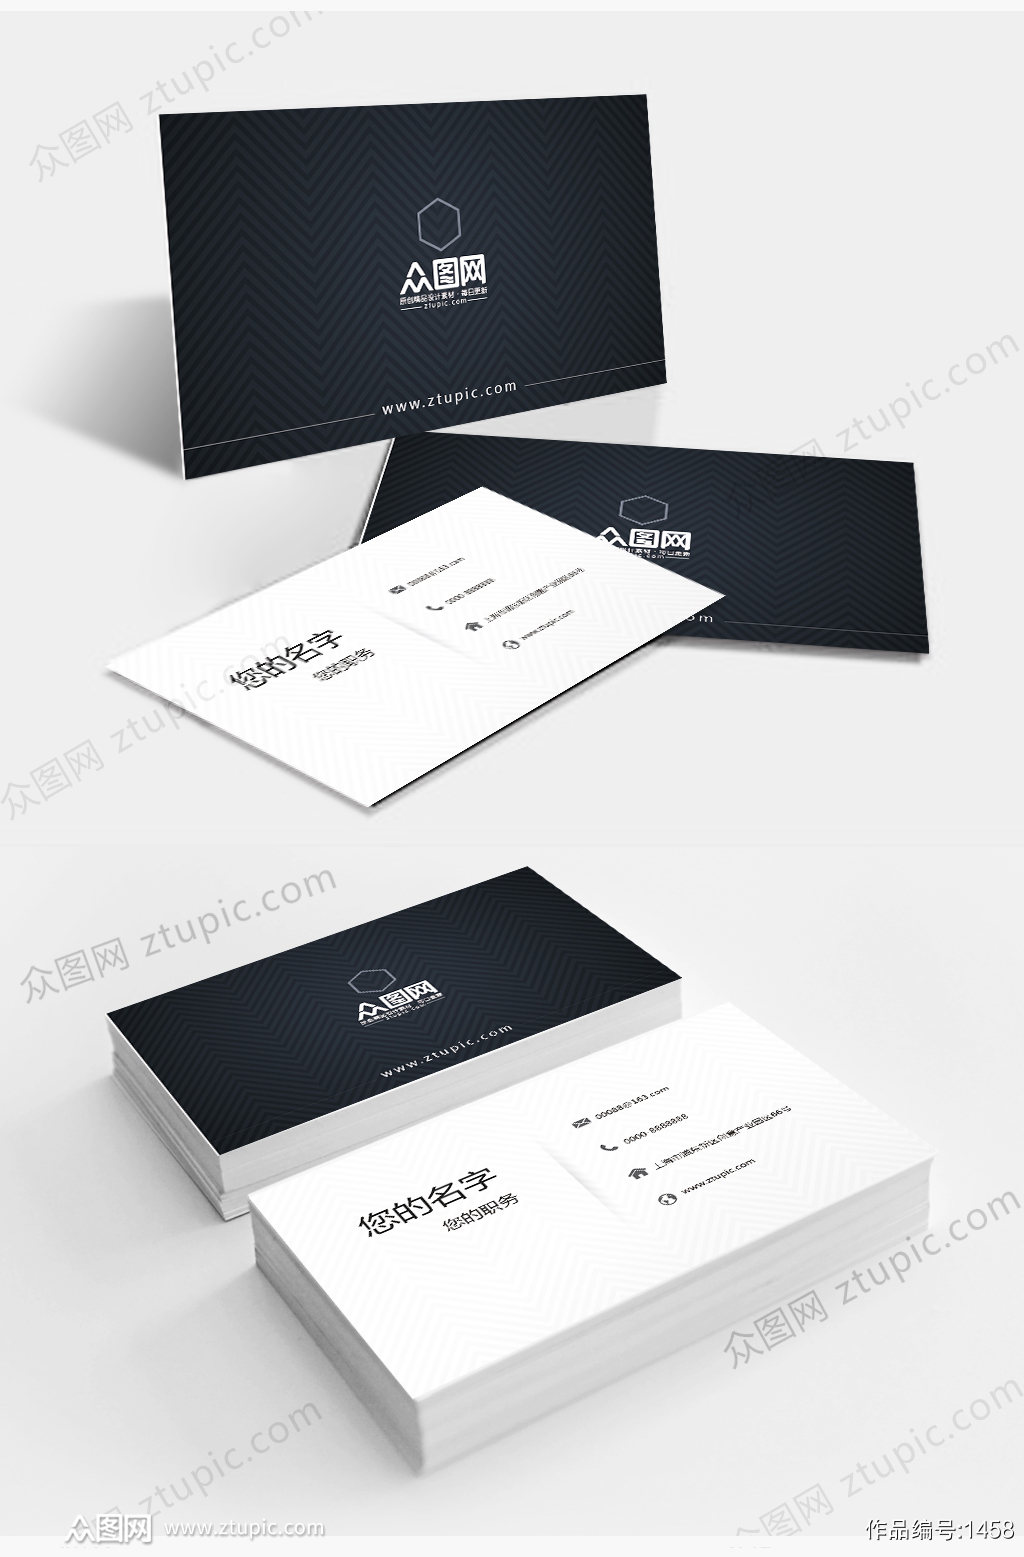 原创黑白时尚简洁大气二维码名片设计模板素材